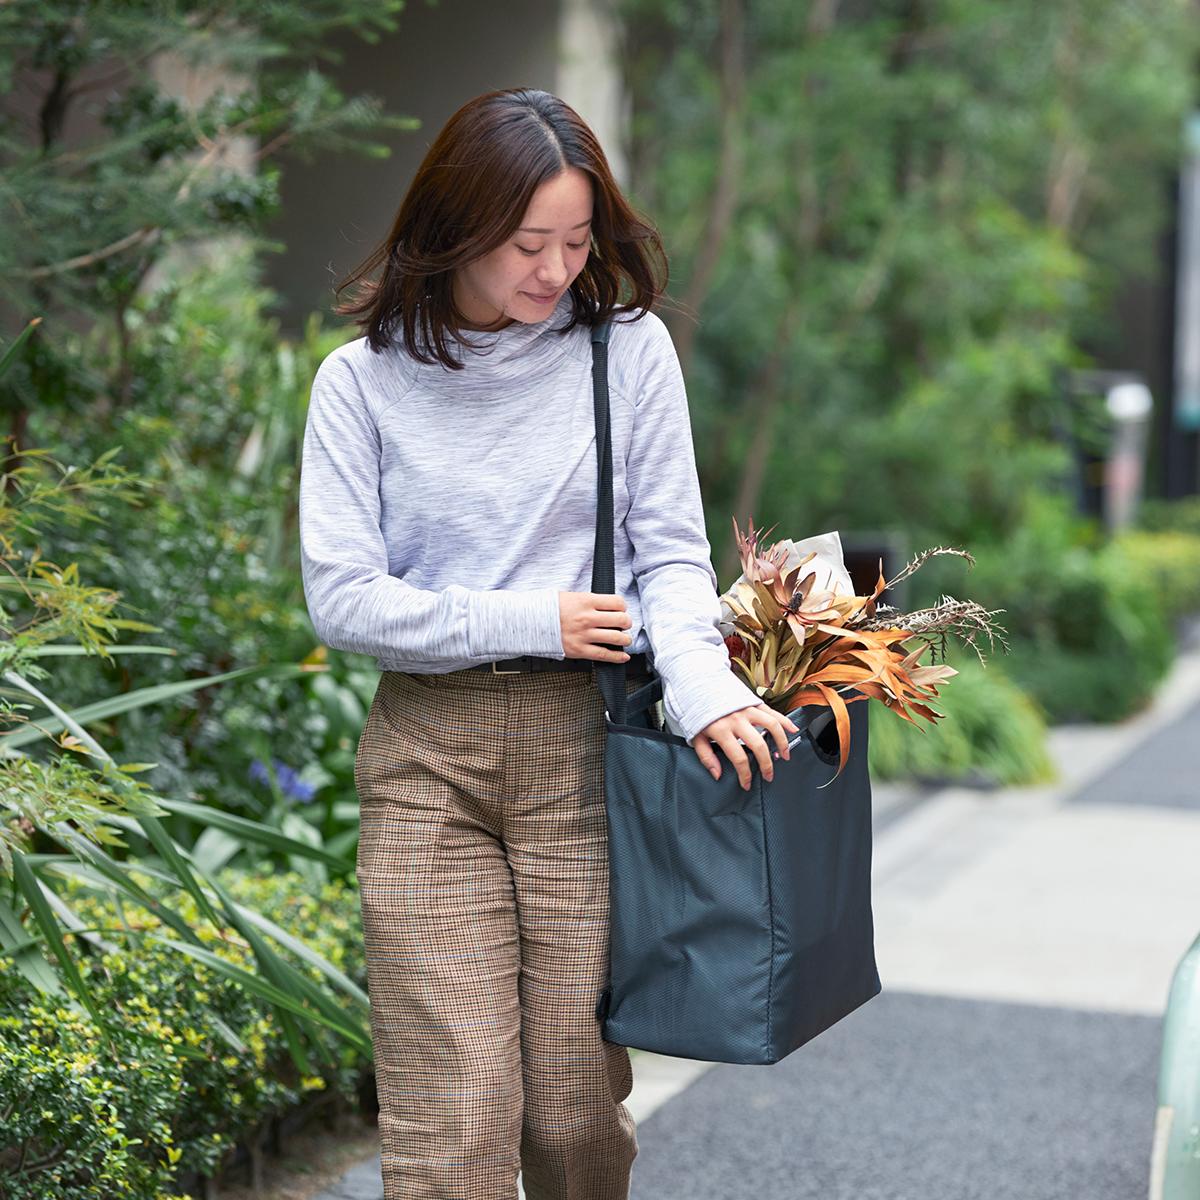 手提げとしても、肩掛けとしても使えて重宝。たためる金属フレーム入り!自立するから、柔らかいパンや葉物野菜、花を潰さない「箱型エコバッグ」|ADK Packworks